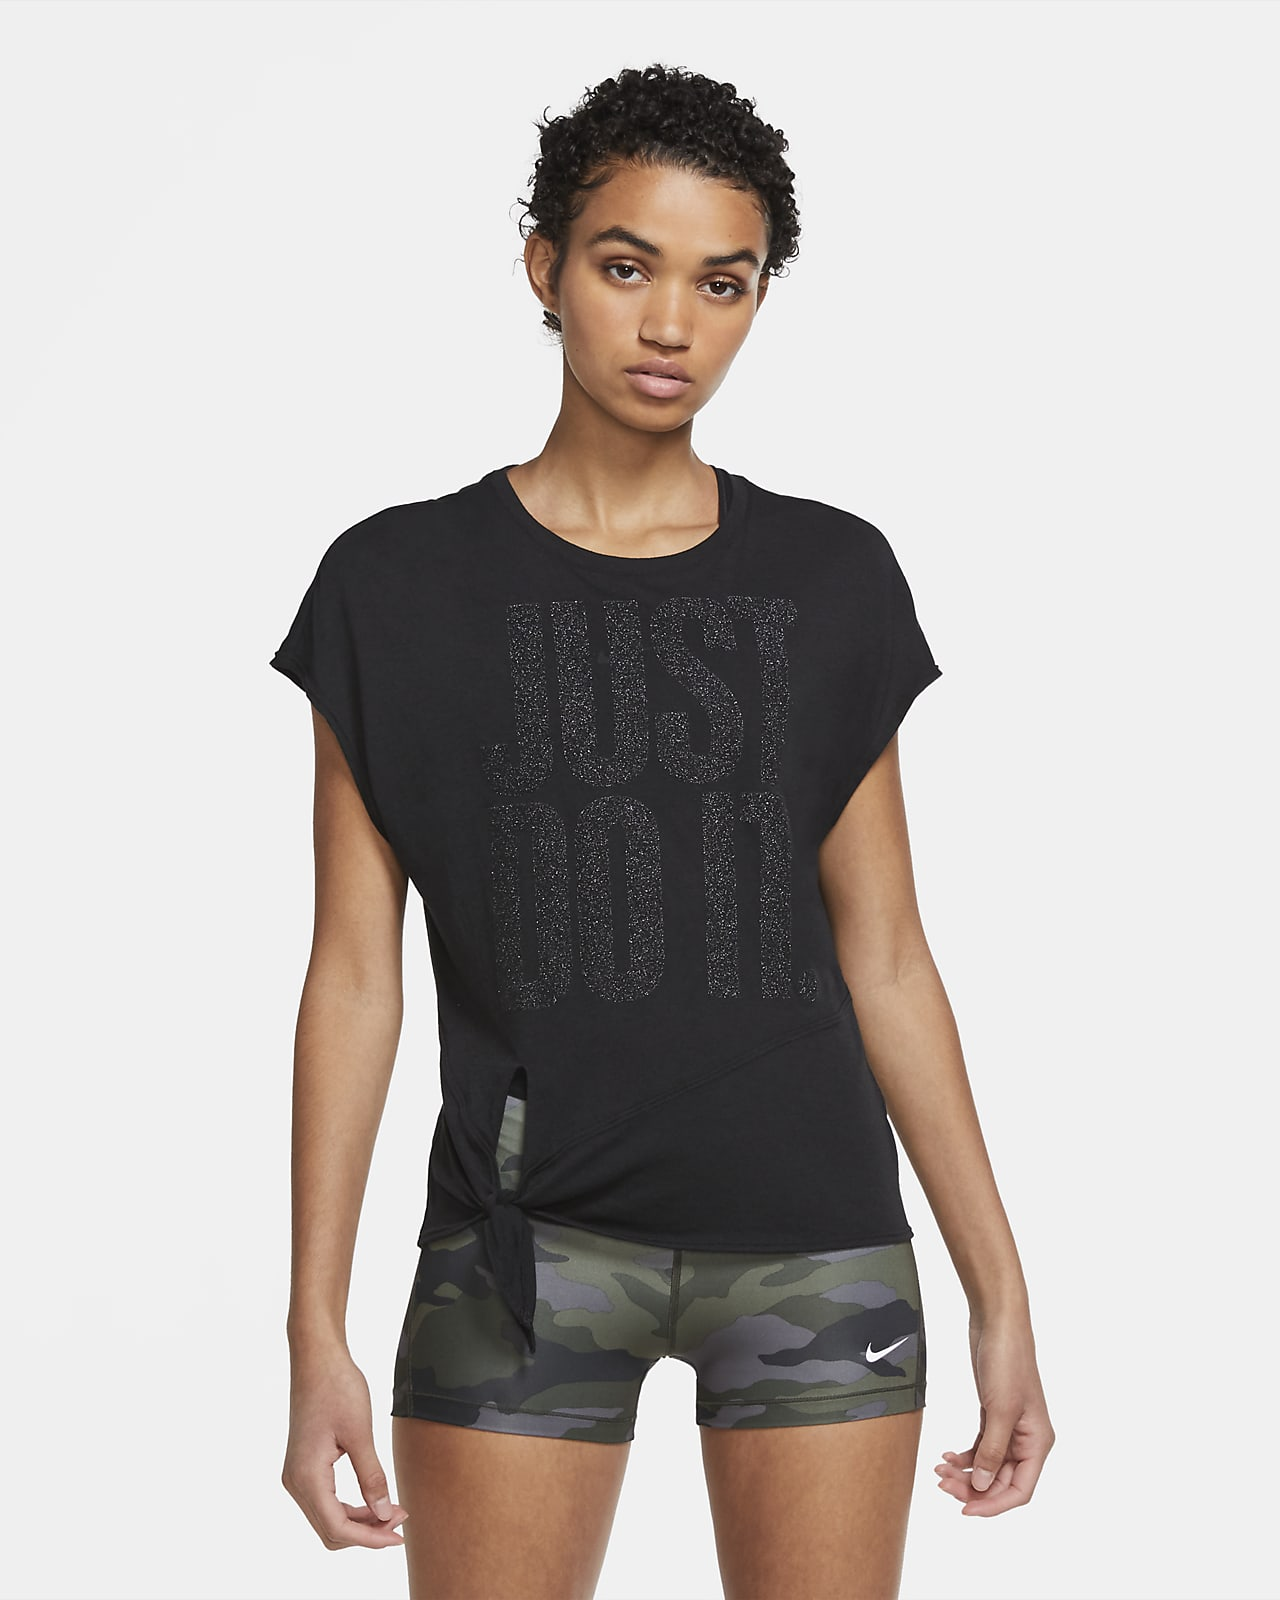 Женская футболка для тренинга на завязках с блестящим покрытием Nike Dri-FIT